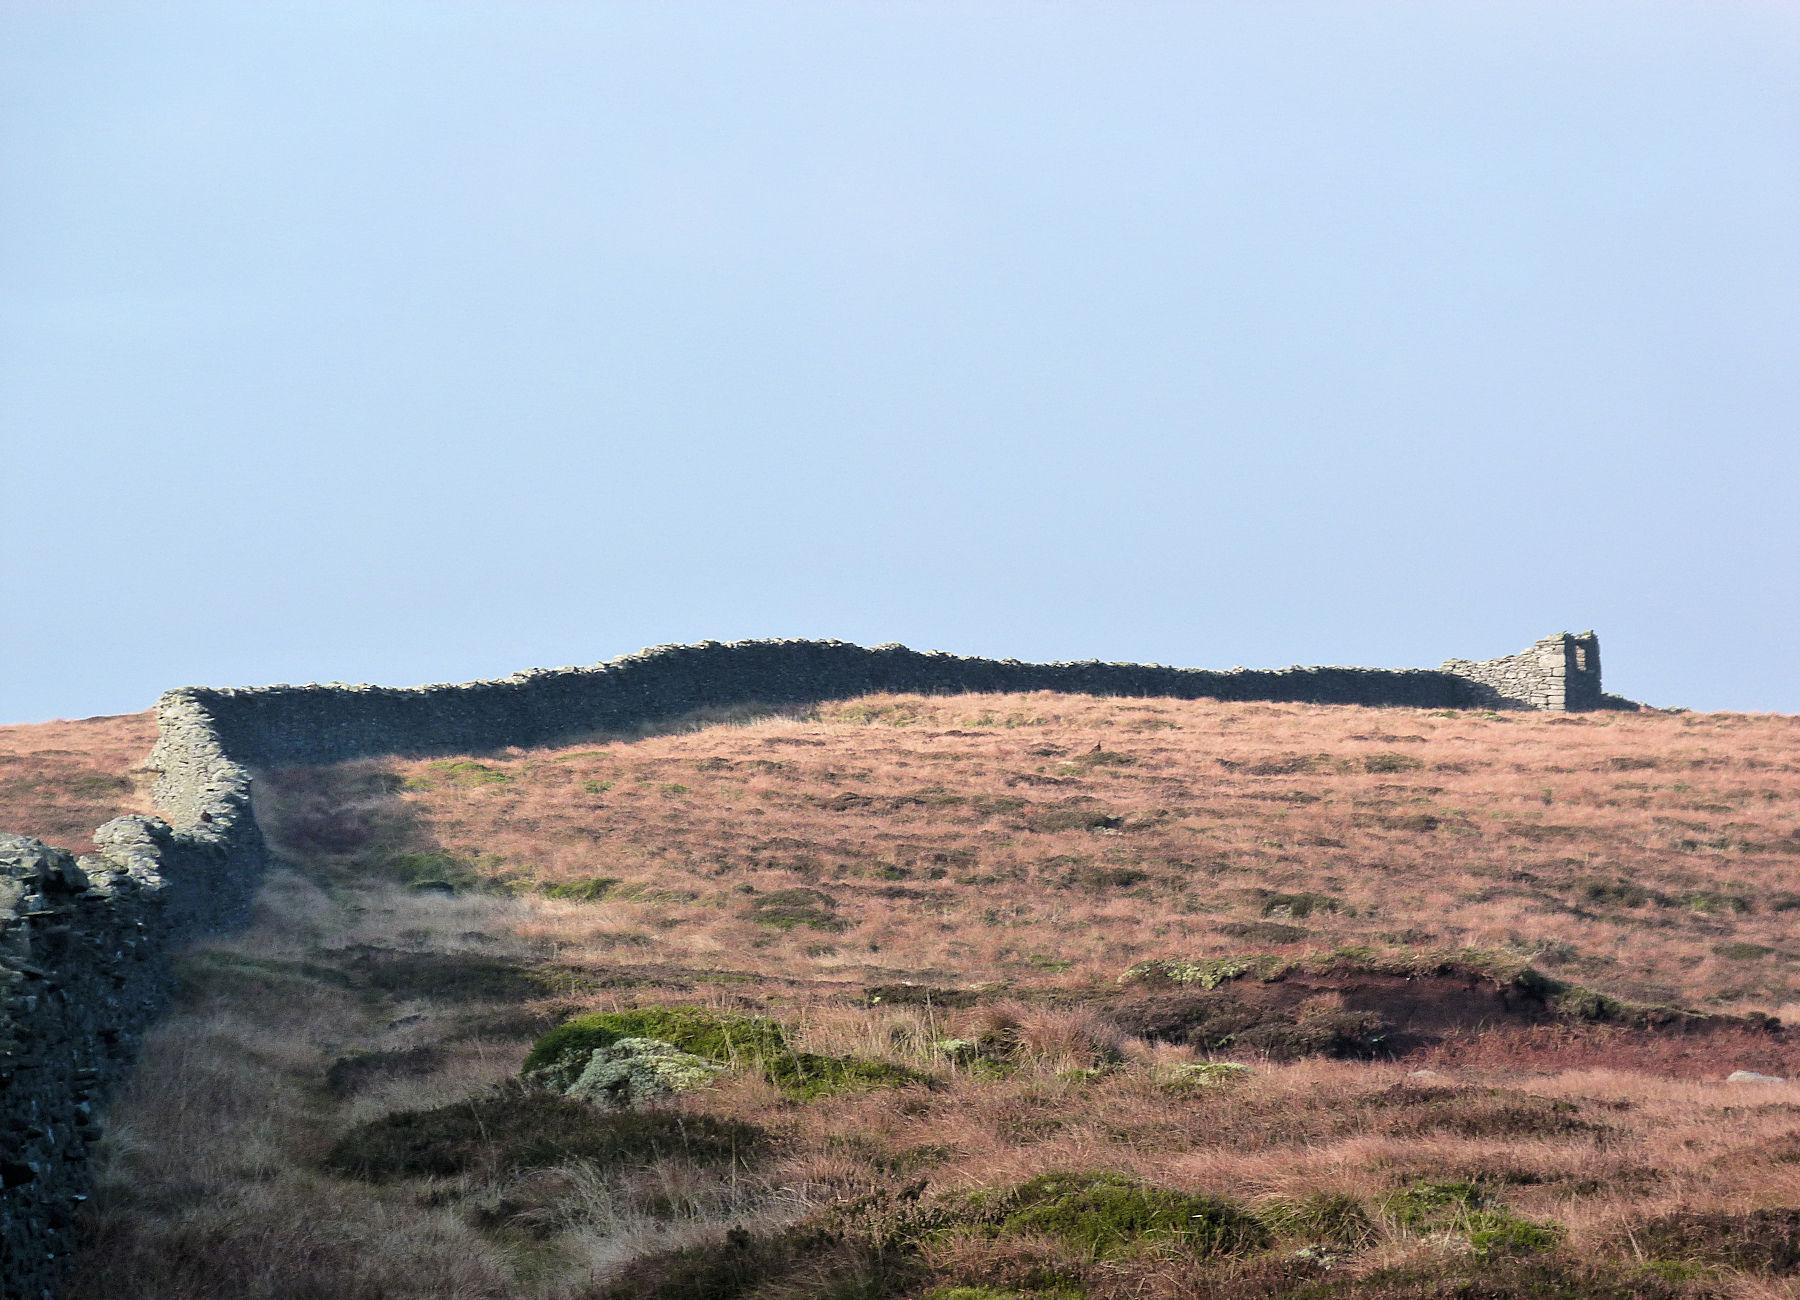 Near the high point